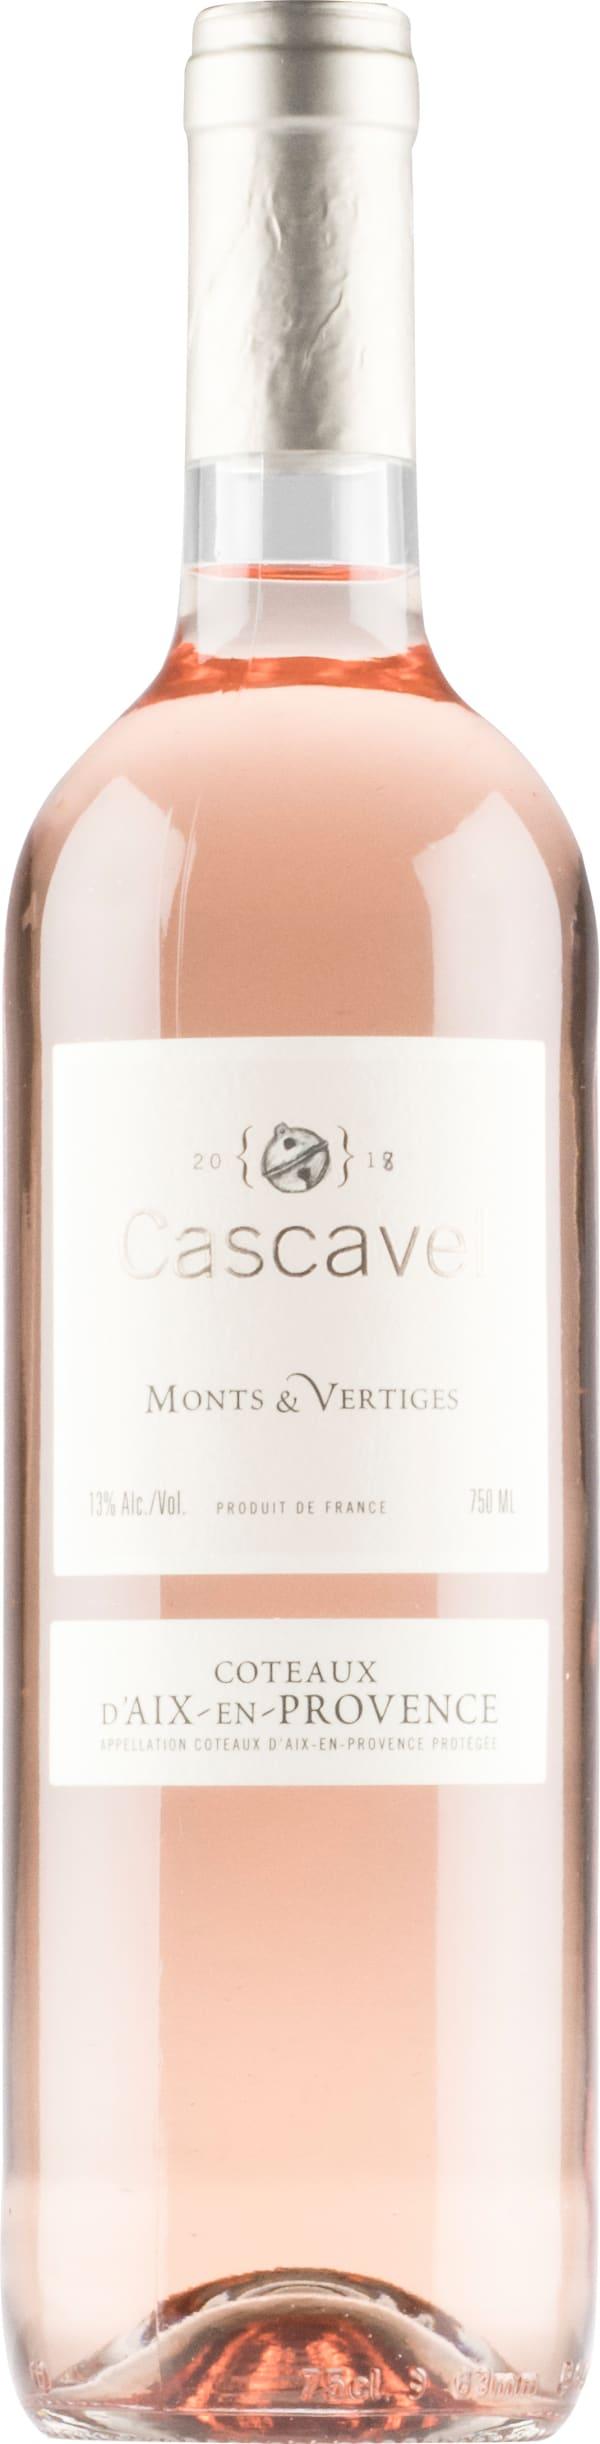 Cascavel Monts & Vertiges 2020